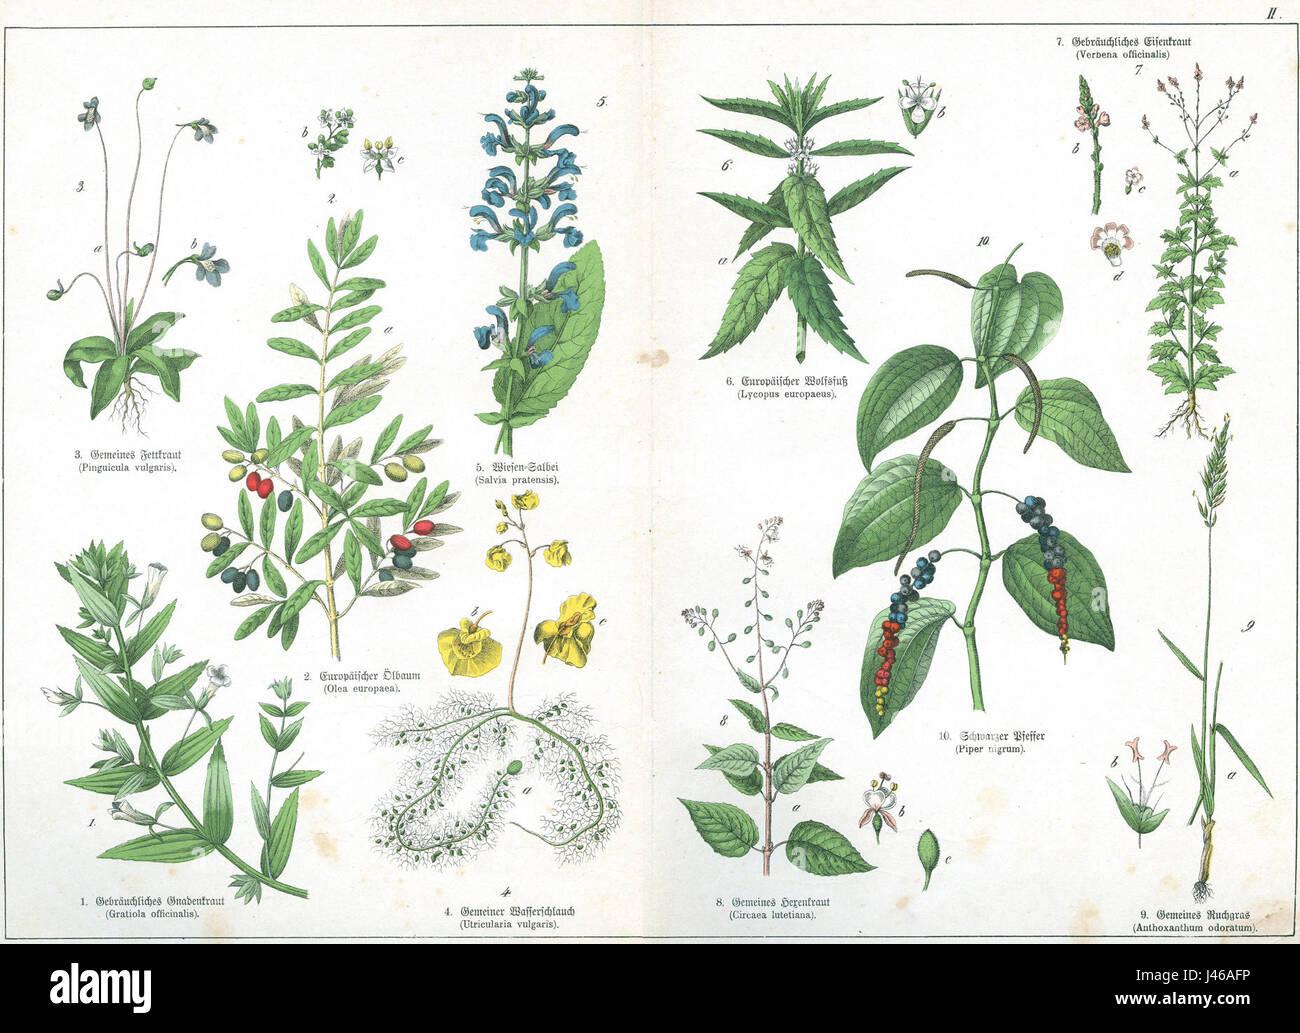 Naturgeschichte des Pflanzenreich Tafel II - Stock Image